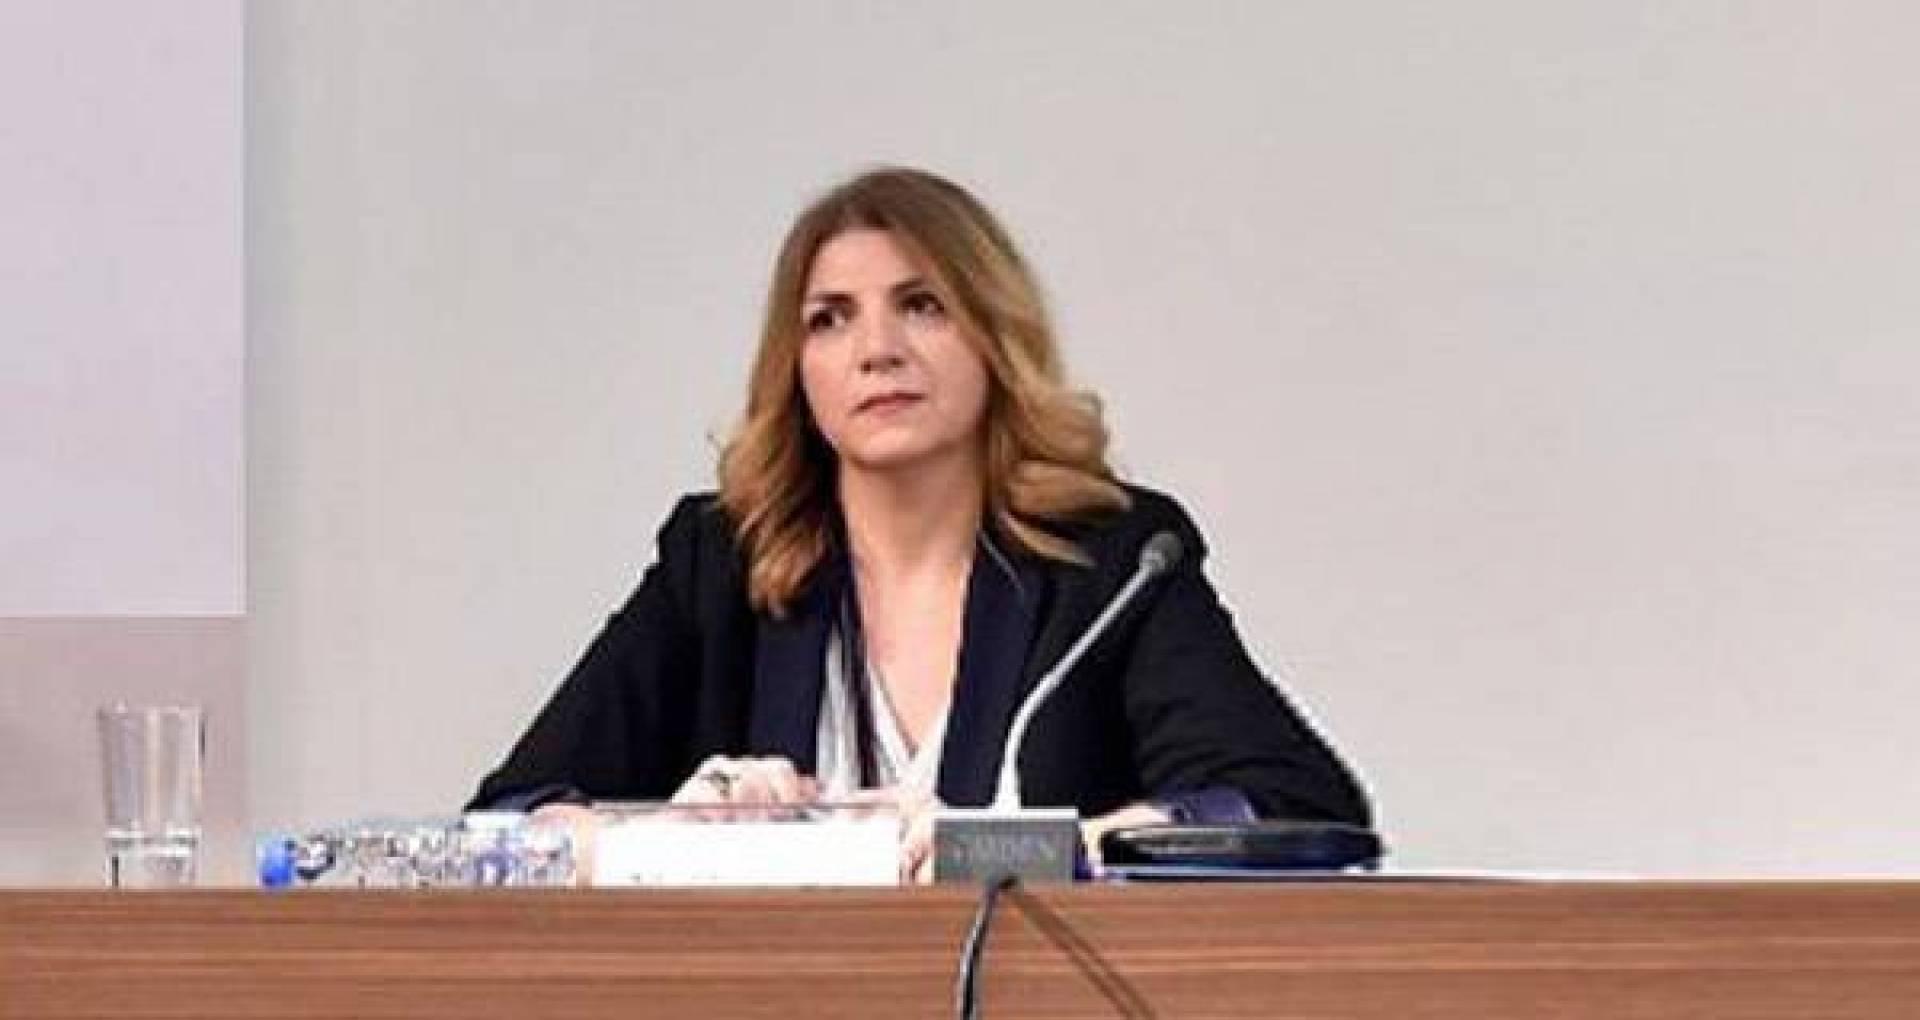 استقالة وزيرة العدل اللبنانية ماري كلود ..  تفاصيل